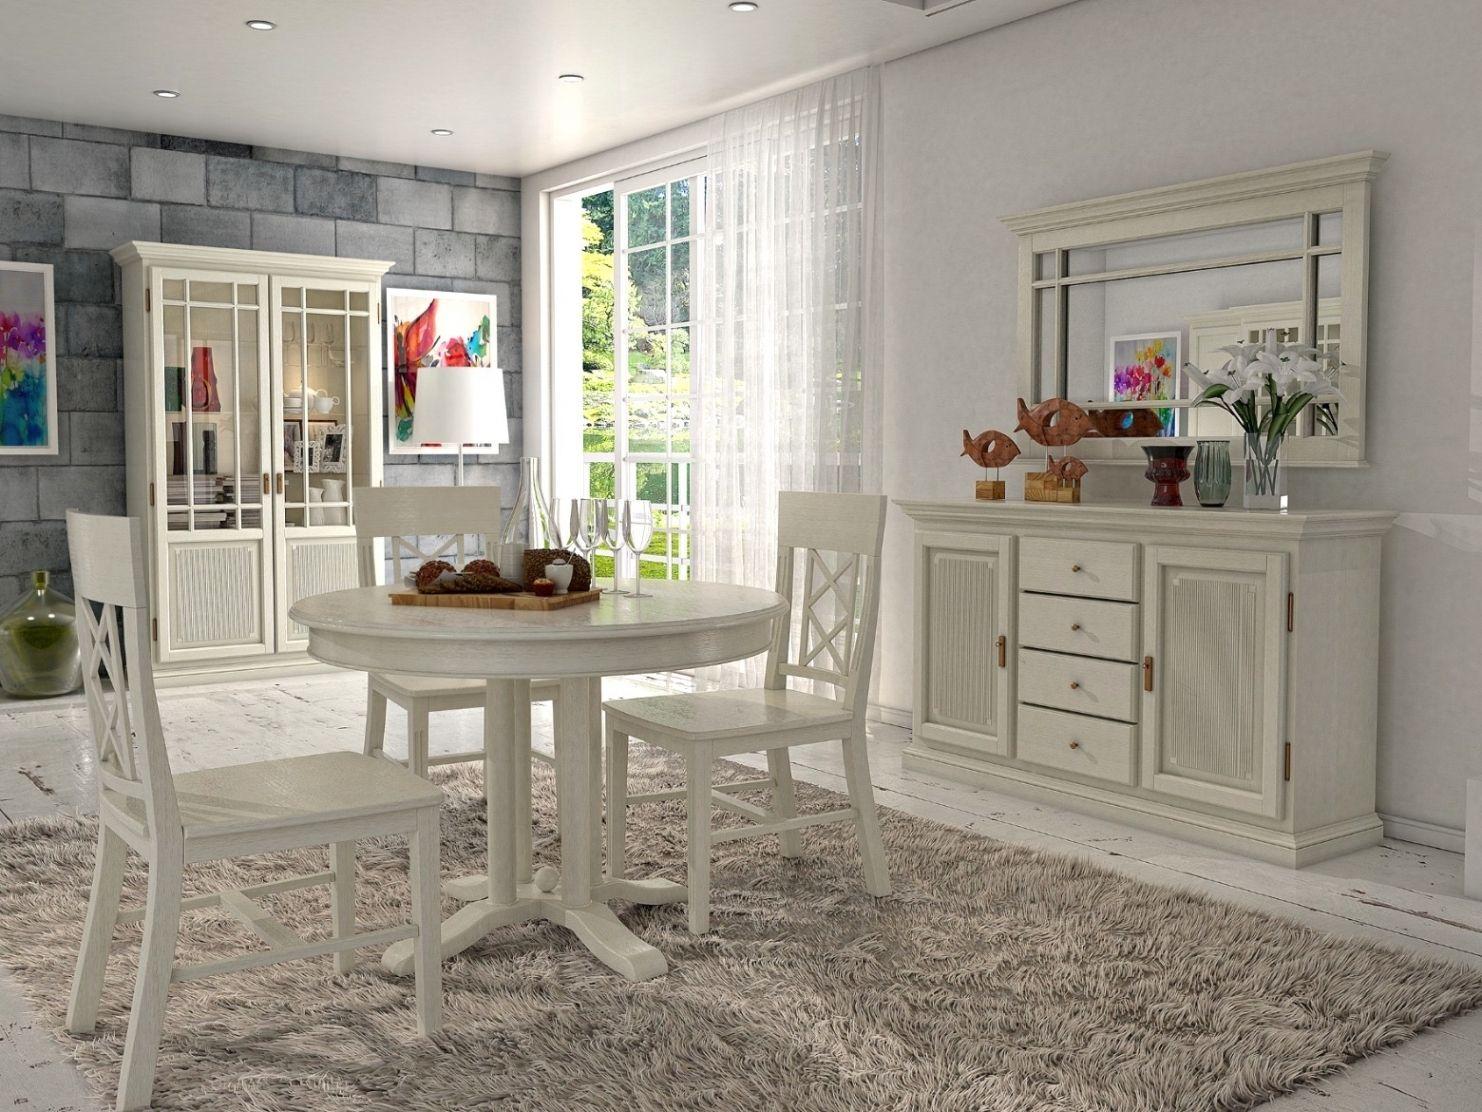 Neueste Wohnzimmer York | Wohnzimmer ideen | Pinterest | Wohnzimmer ...